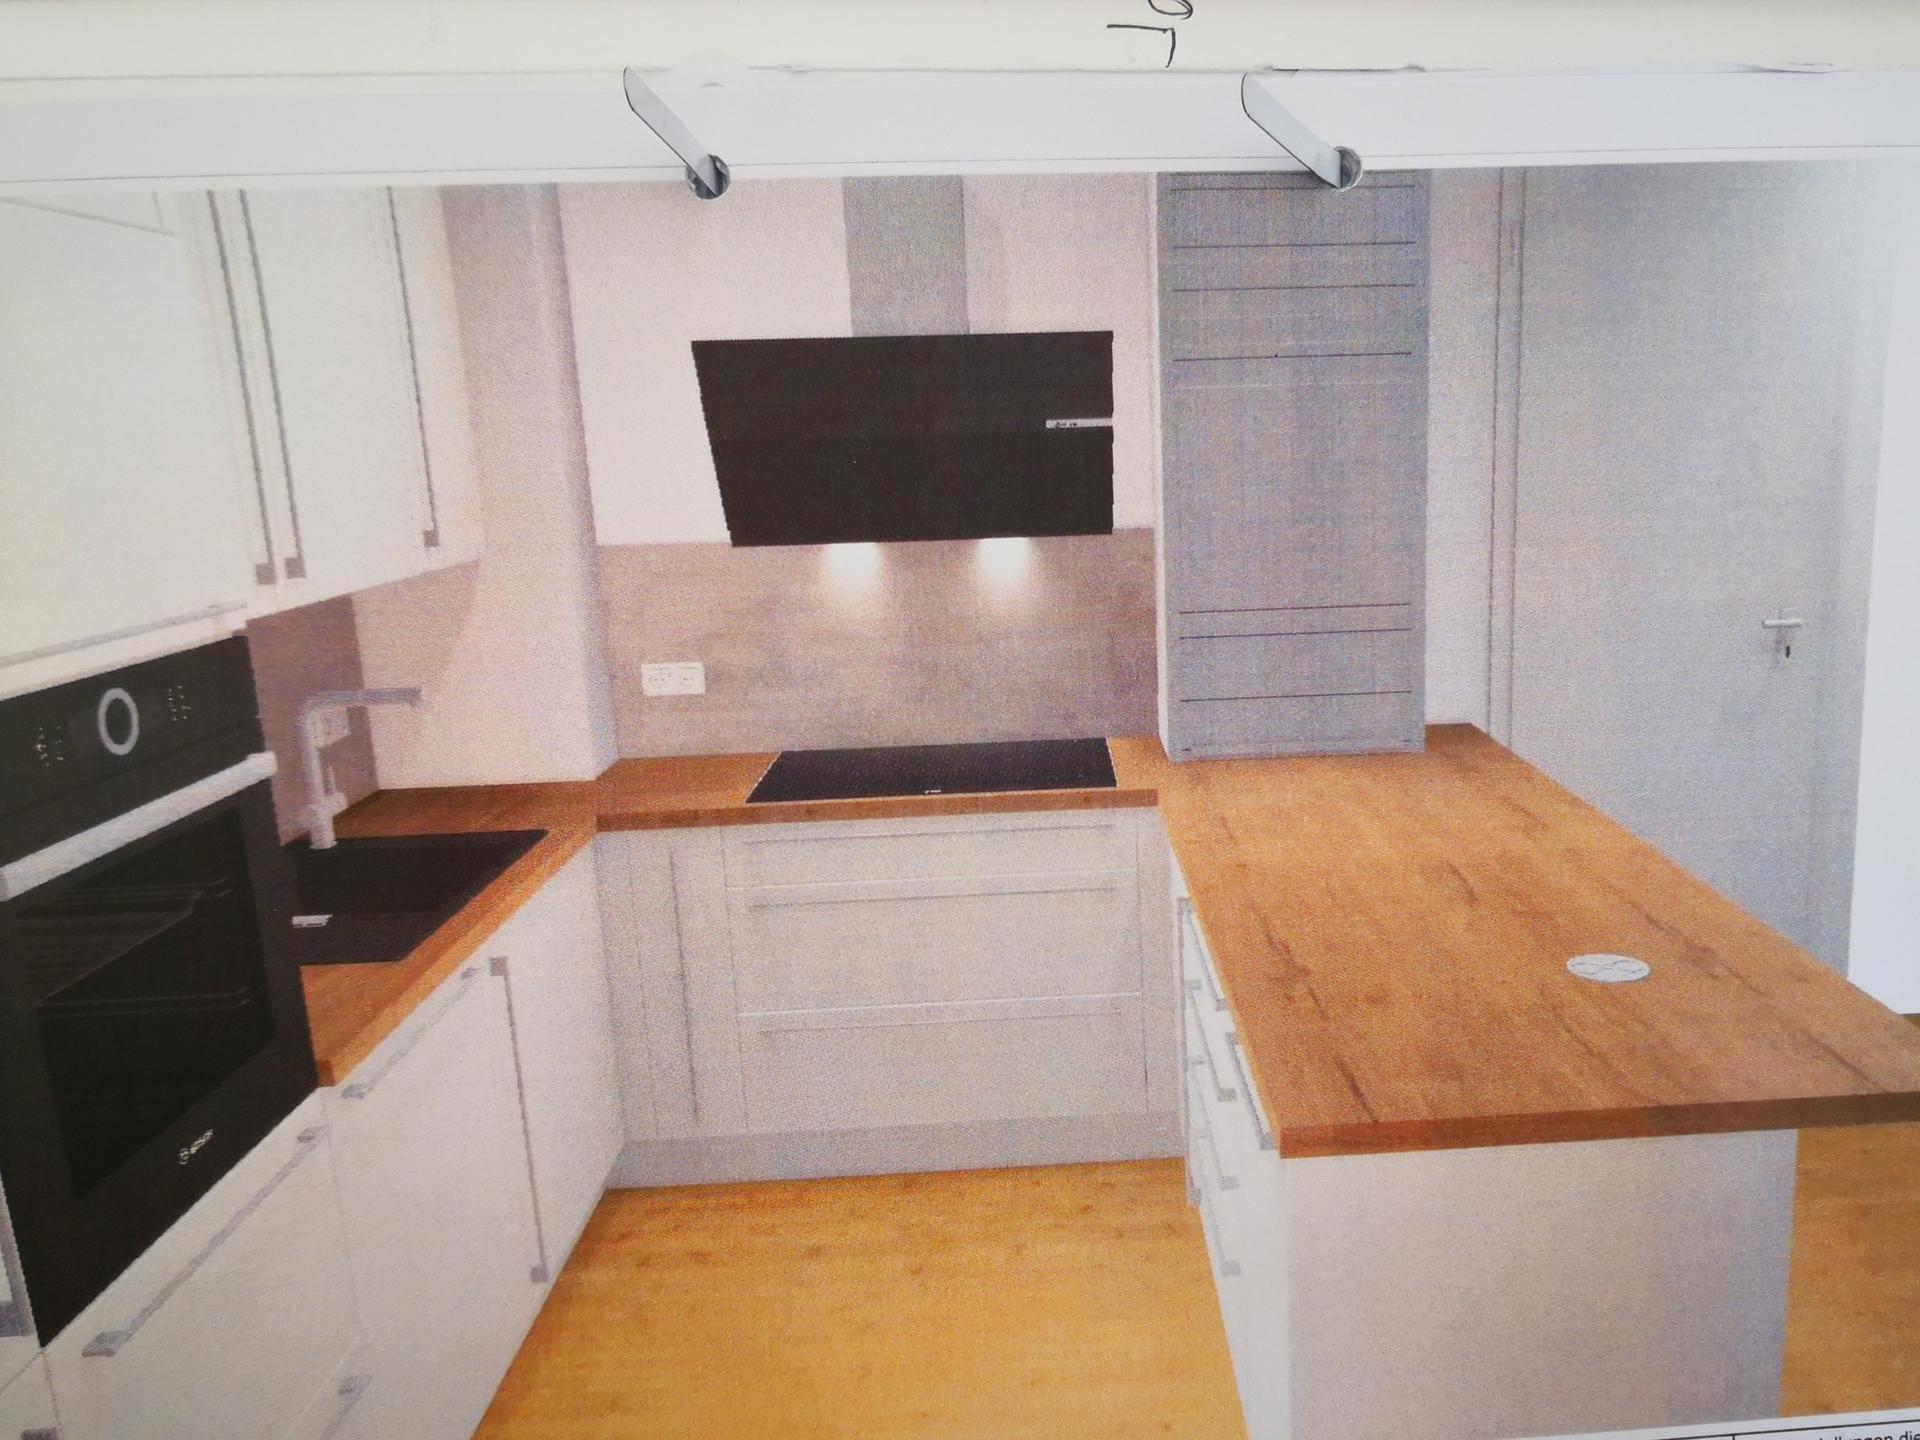 Náš nový byt v novostavbě - Obrázek č. 26